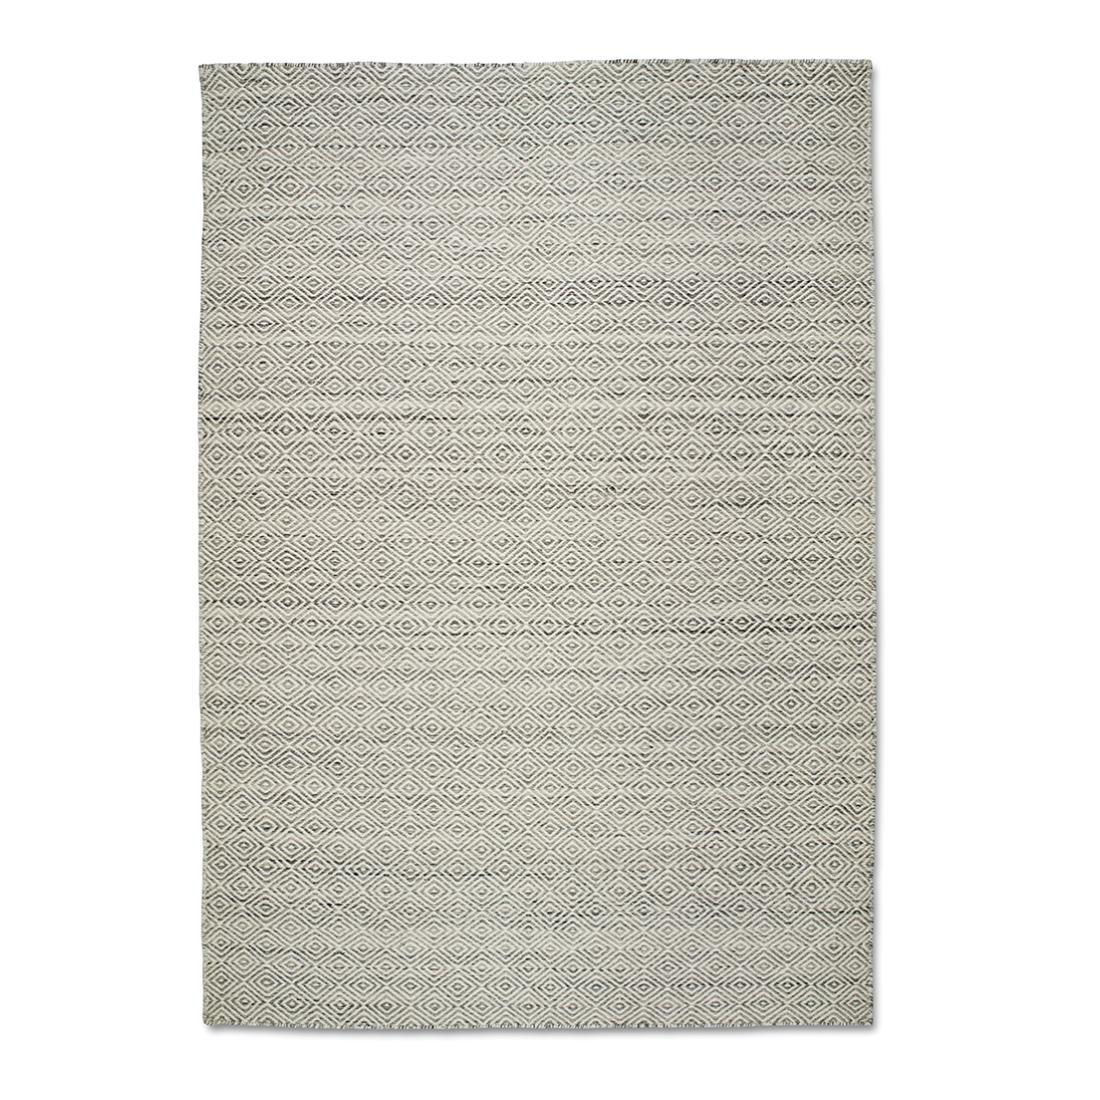 Ullmatta Gåsöga grå 170 x 230, Classic Collection